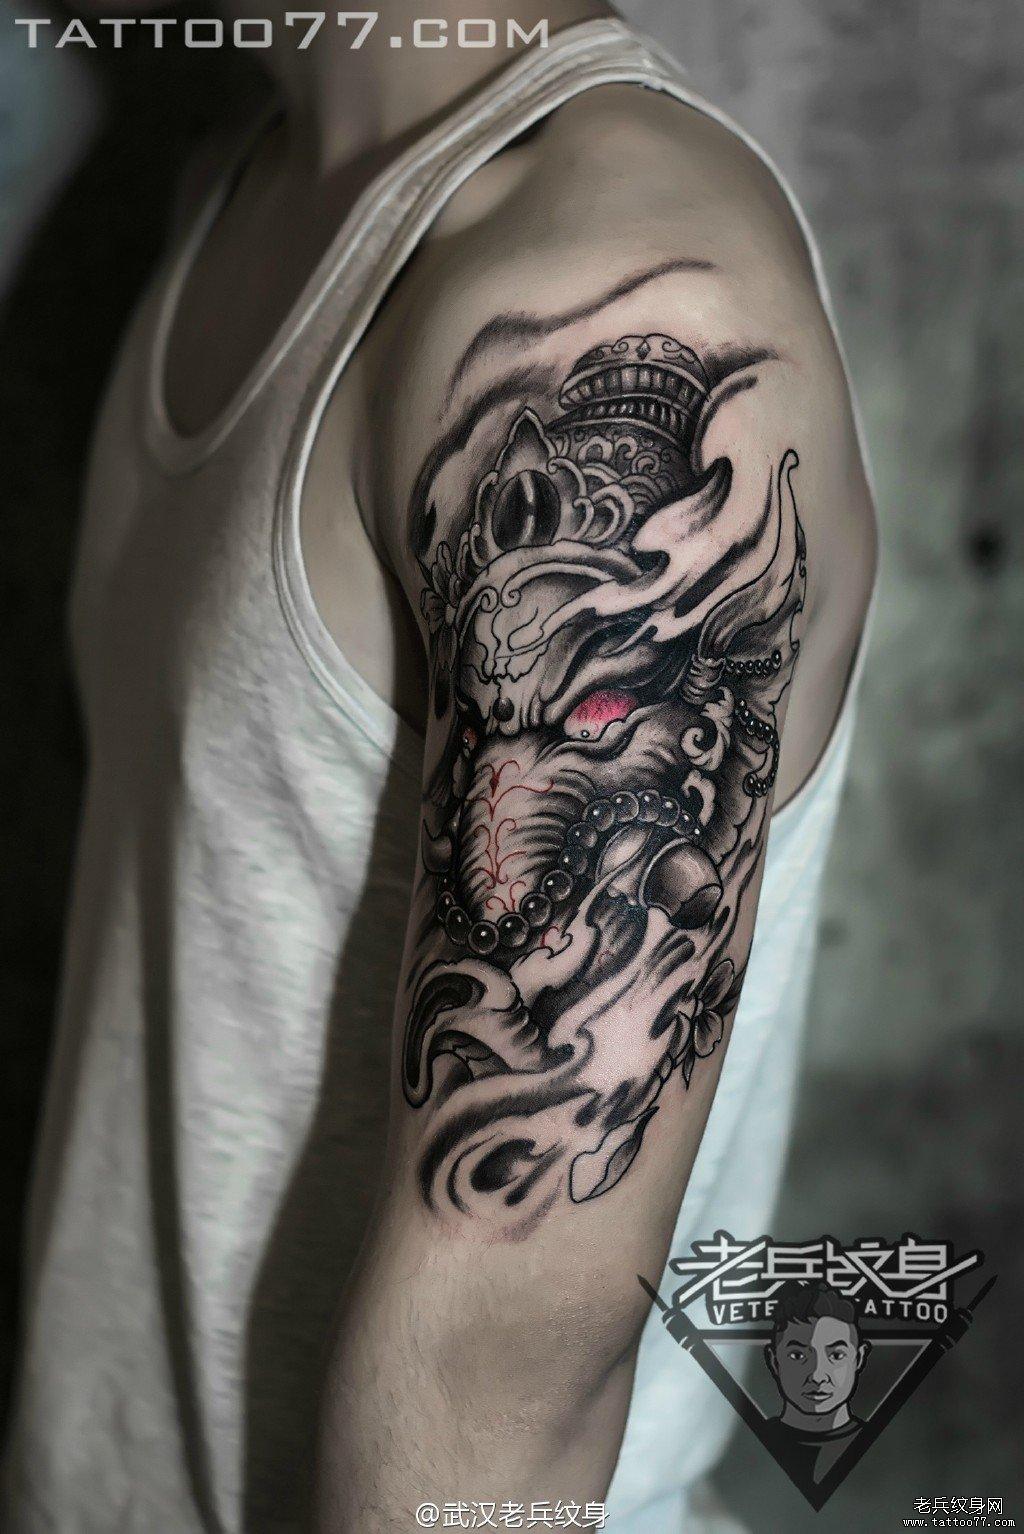 纹身图案大全          0 喜欢         浏览           上臂象神刺青